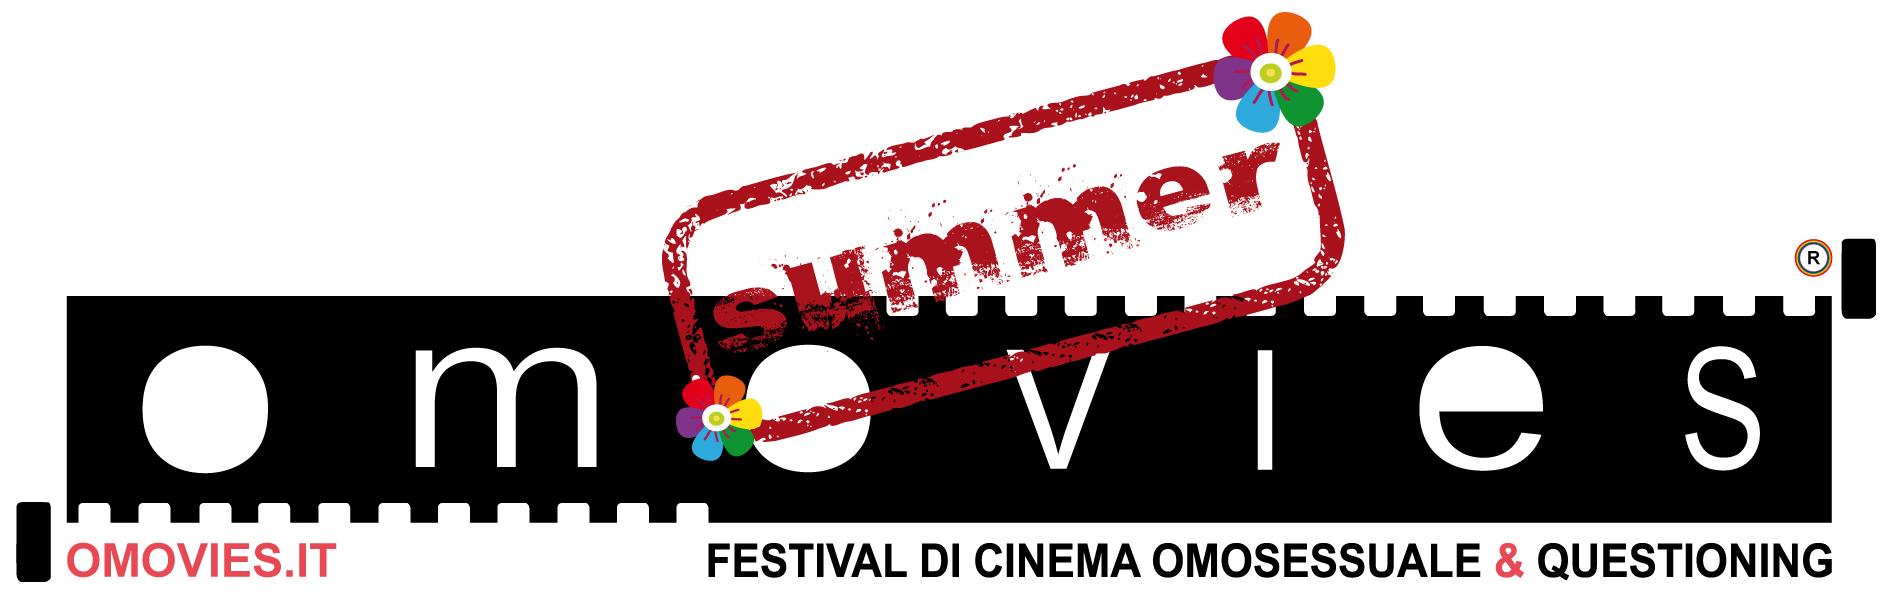 LOGO OMOVIES summer V3-01